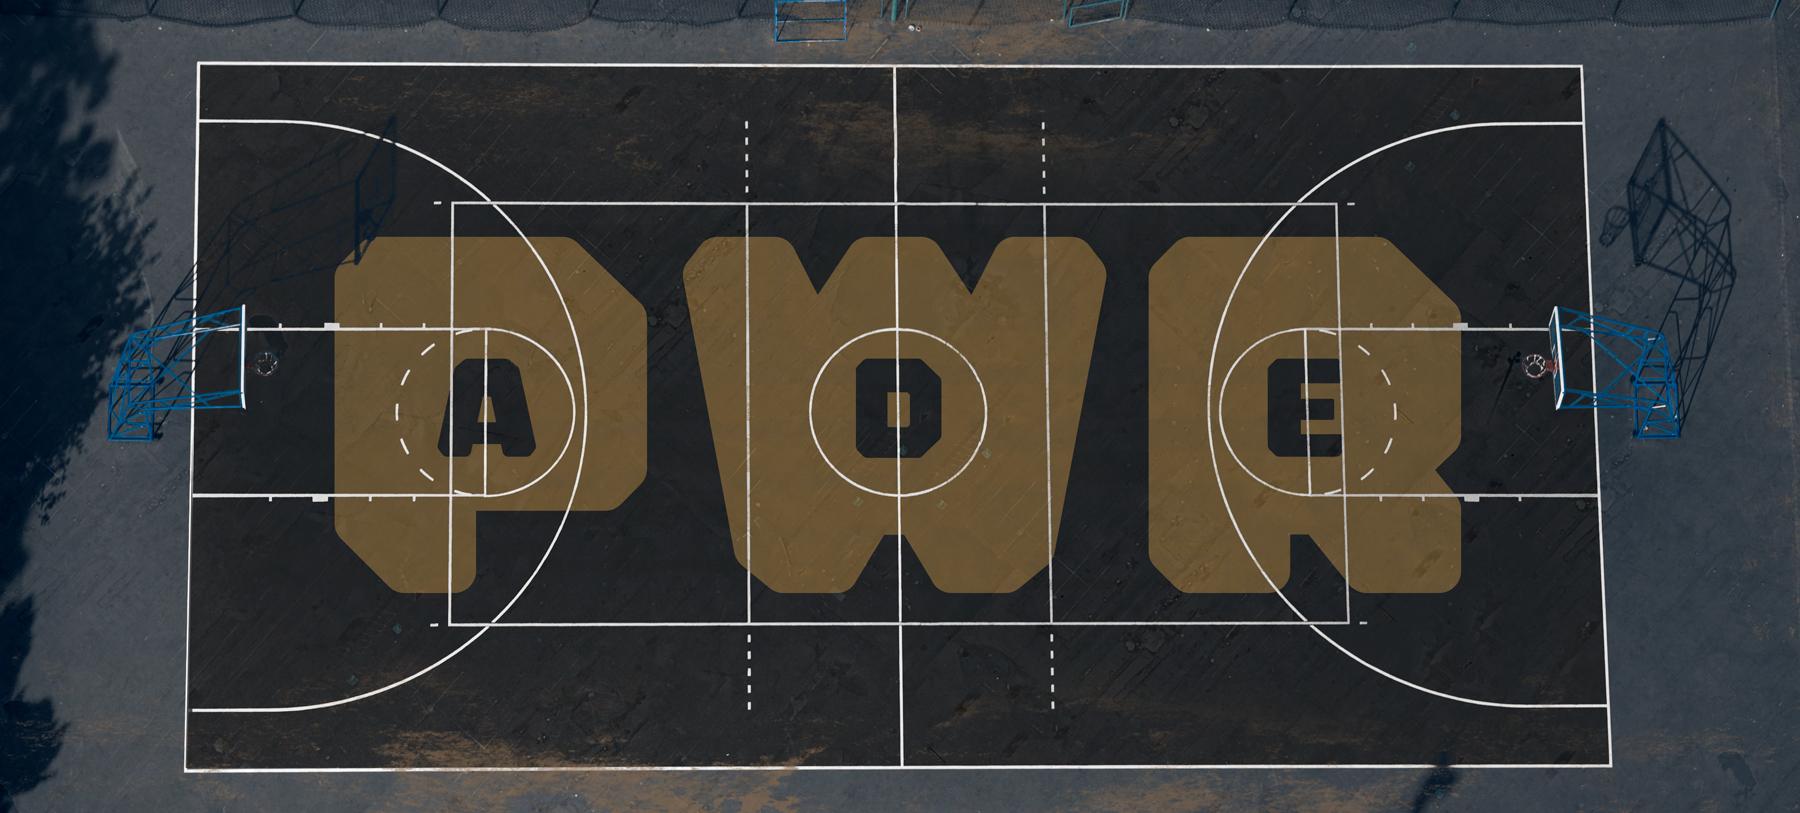 BasketballCourt_Chamfer_101.jpg